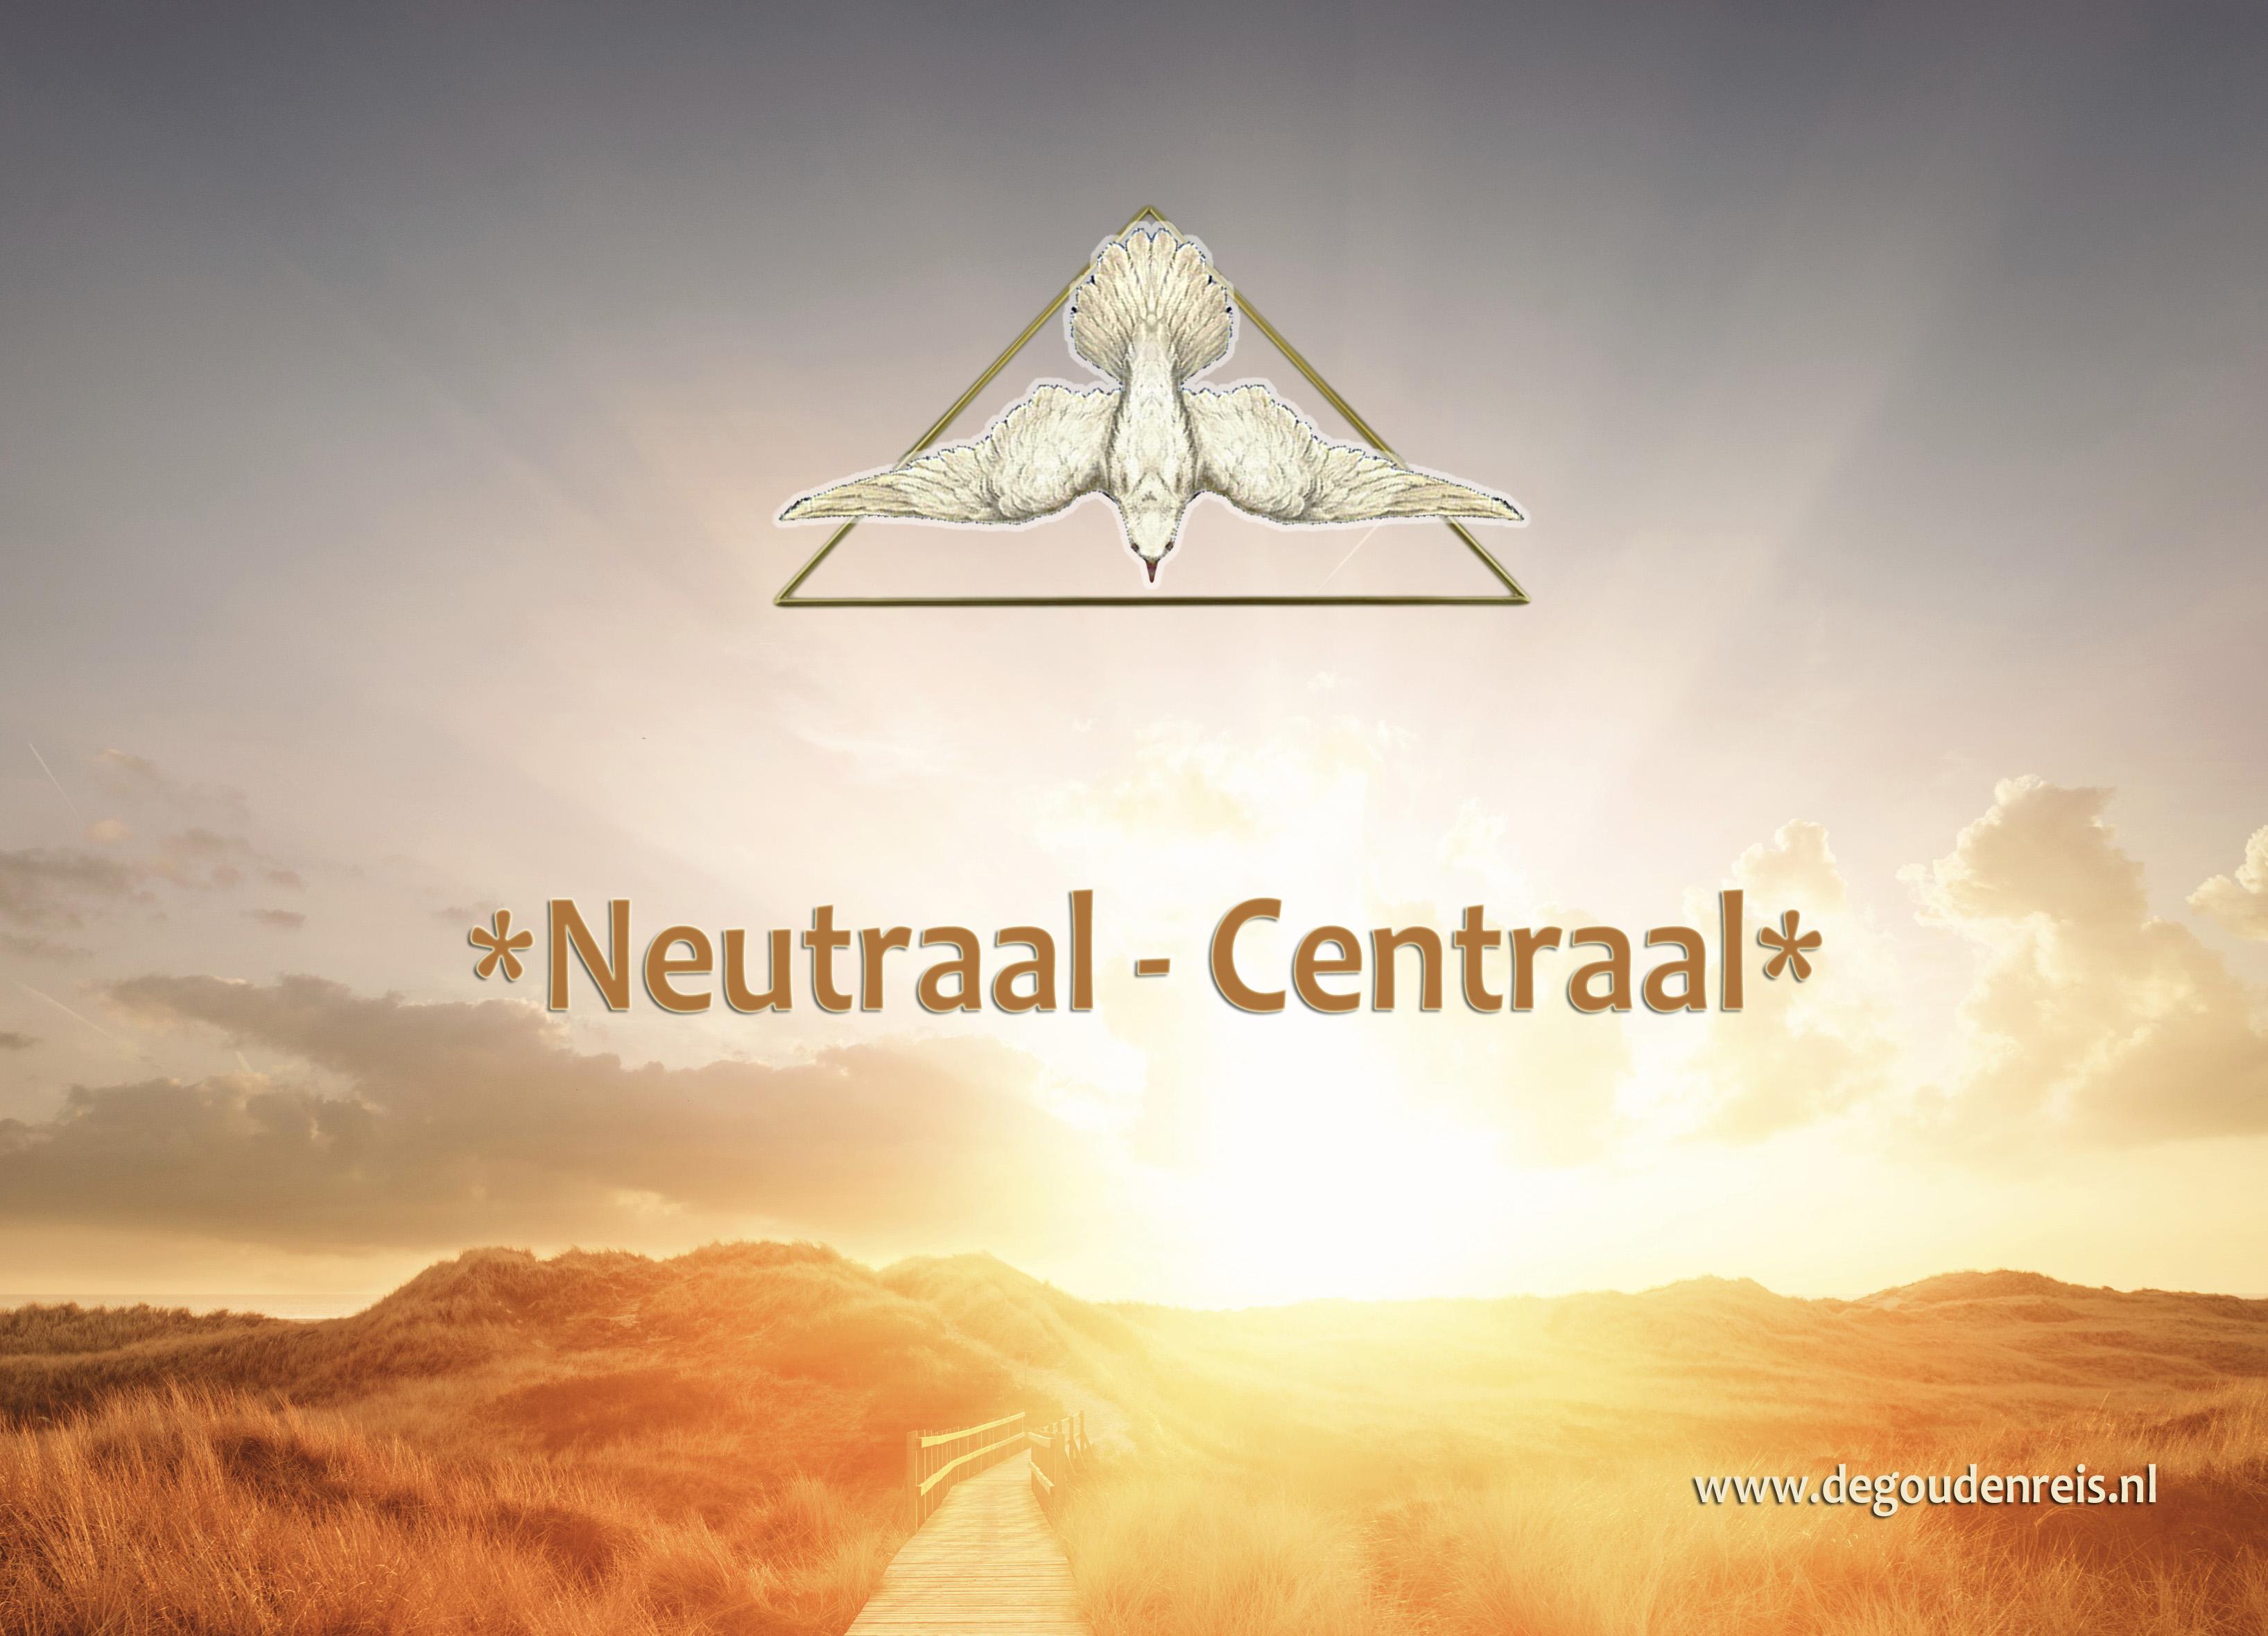 neutraal-centraal-de gouden reis-marieta weemen